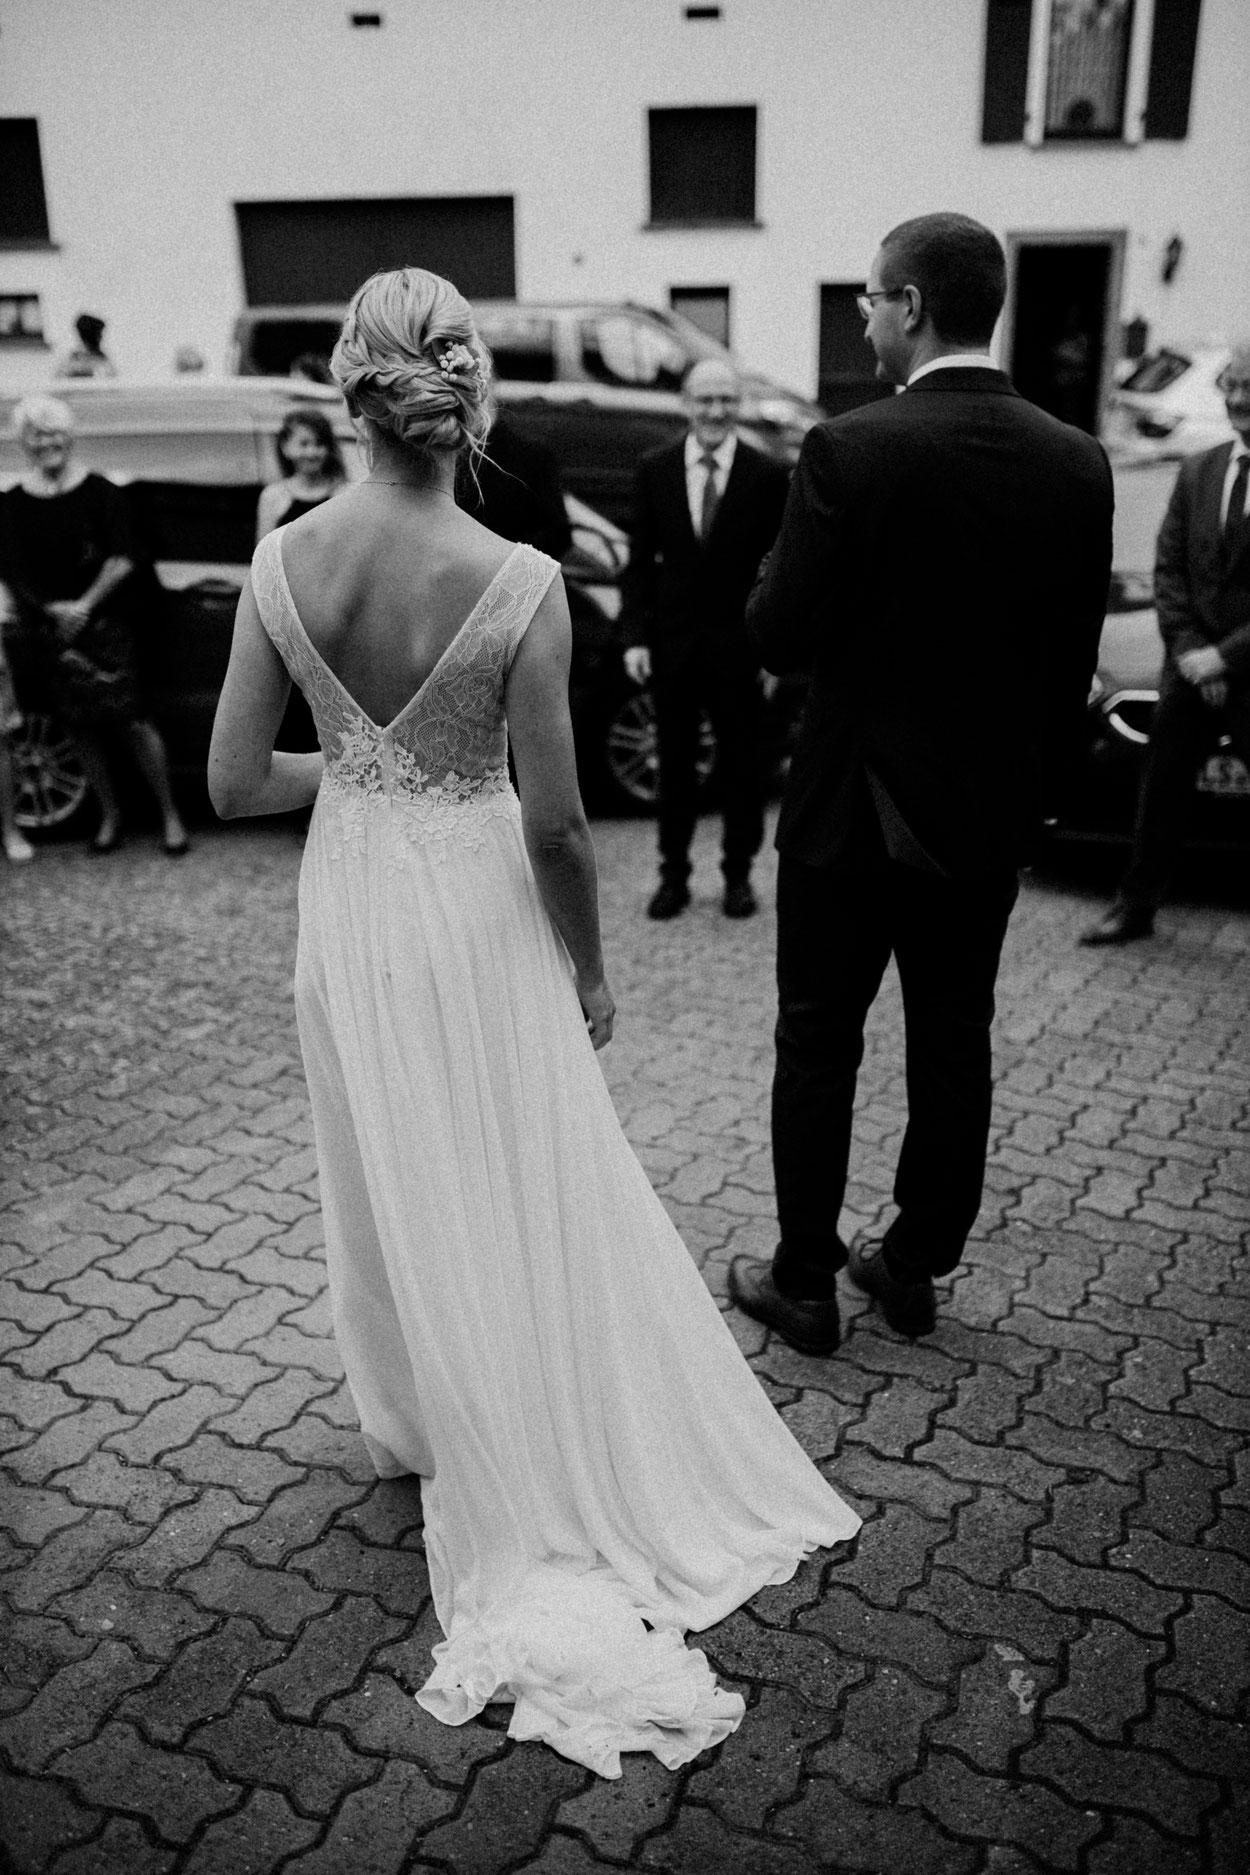 Hochzeitsfotograf Saarland - Fotograf Kai Kreutzer 80 Saarbrücken, Saarlouis, Merzig, St. Wendel